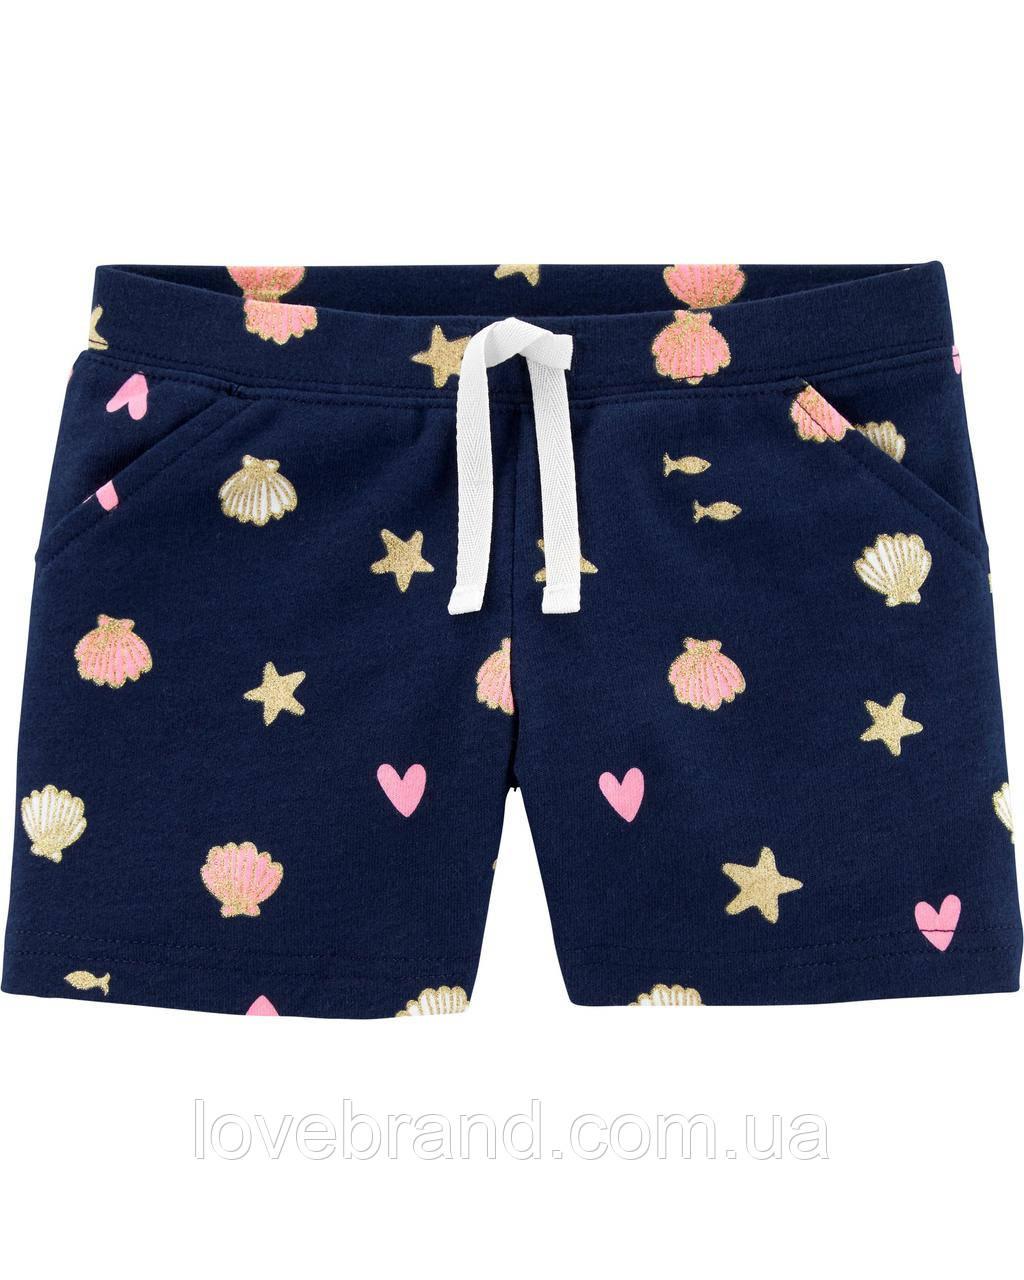 """Детские шортики для девочки """"Ракушка"""" синие Carters 5Т/105-112 см"""